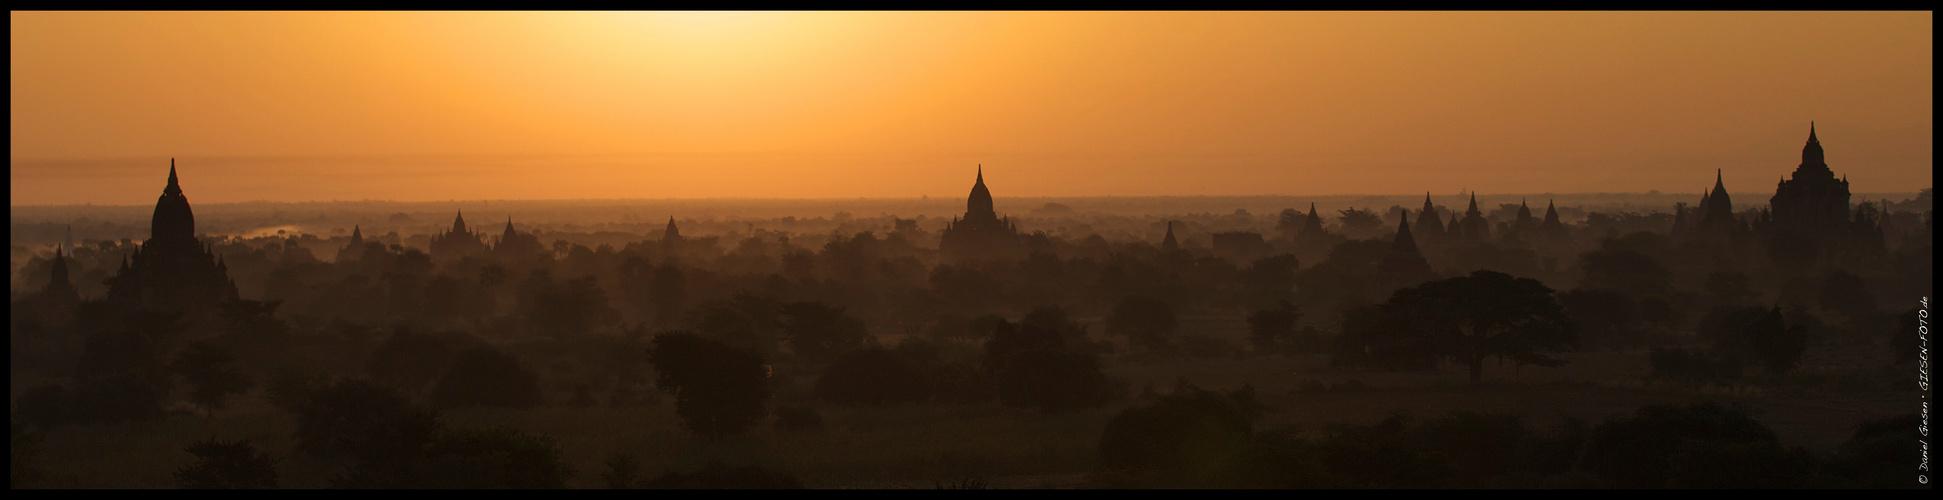 Pagodas of Bagan, Myanmar/Burma 2012